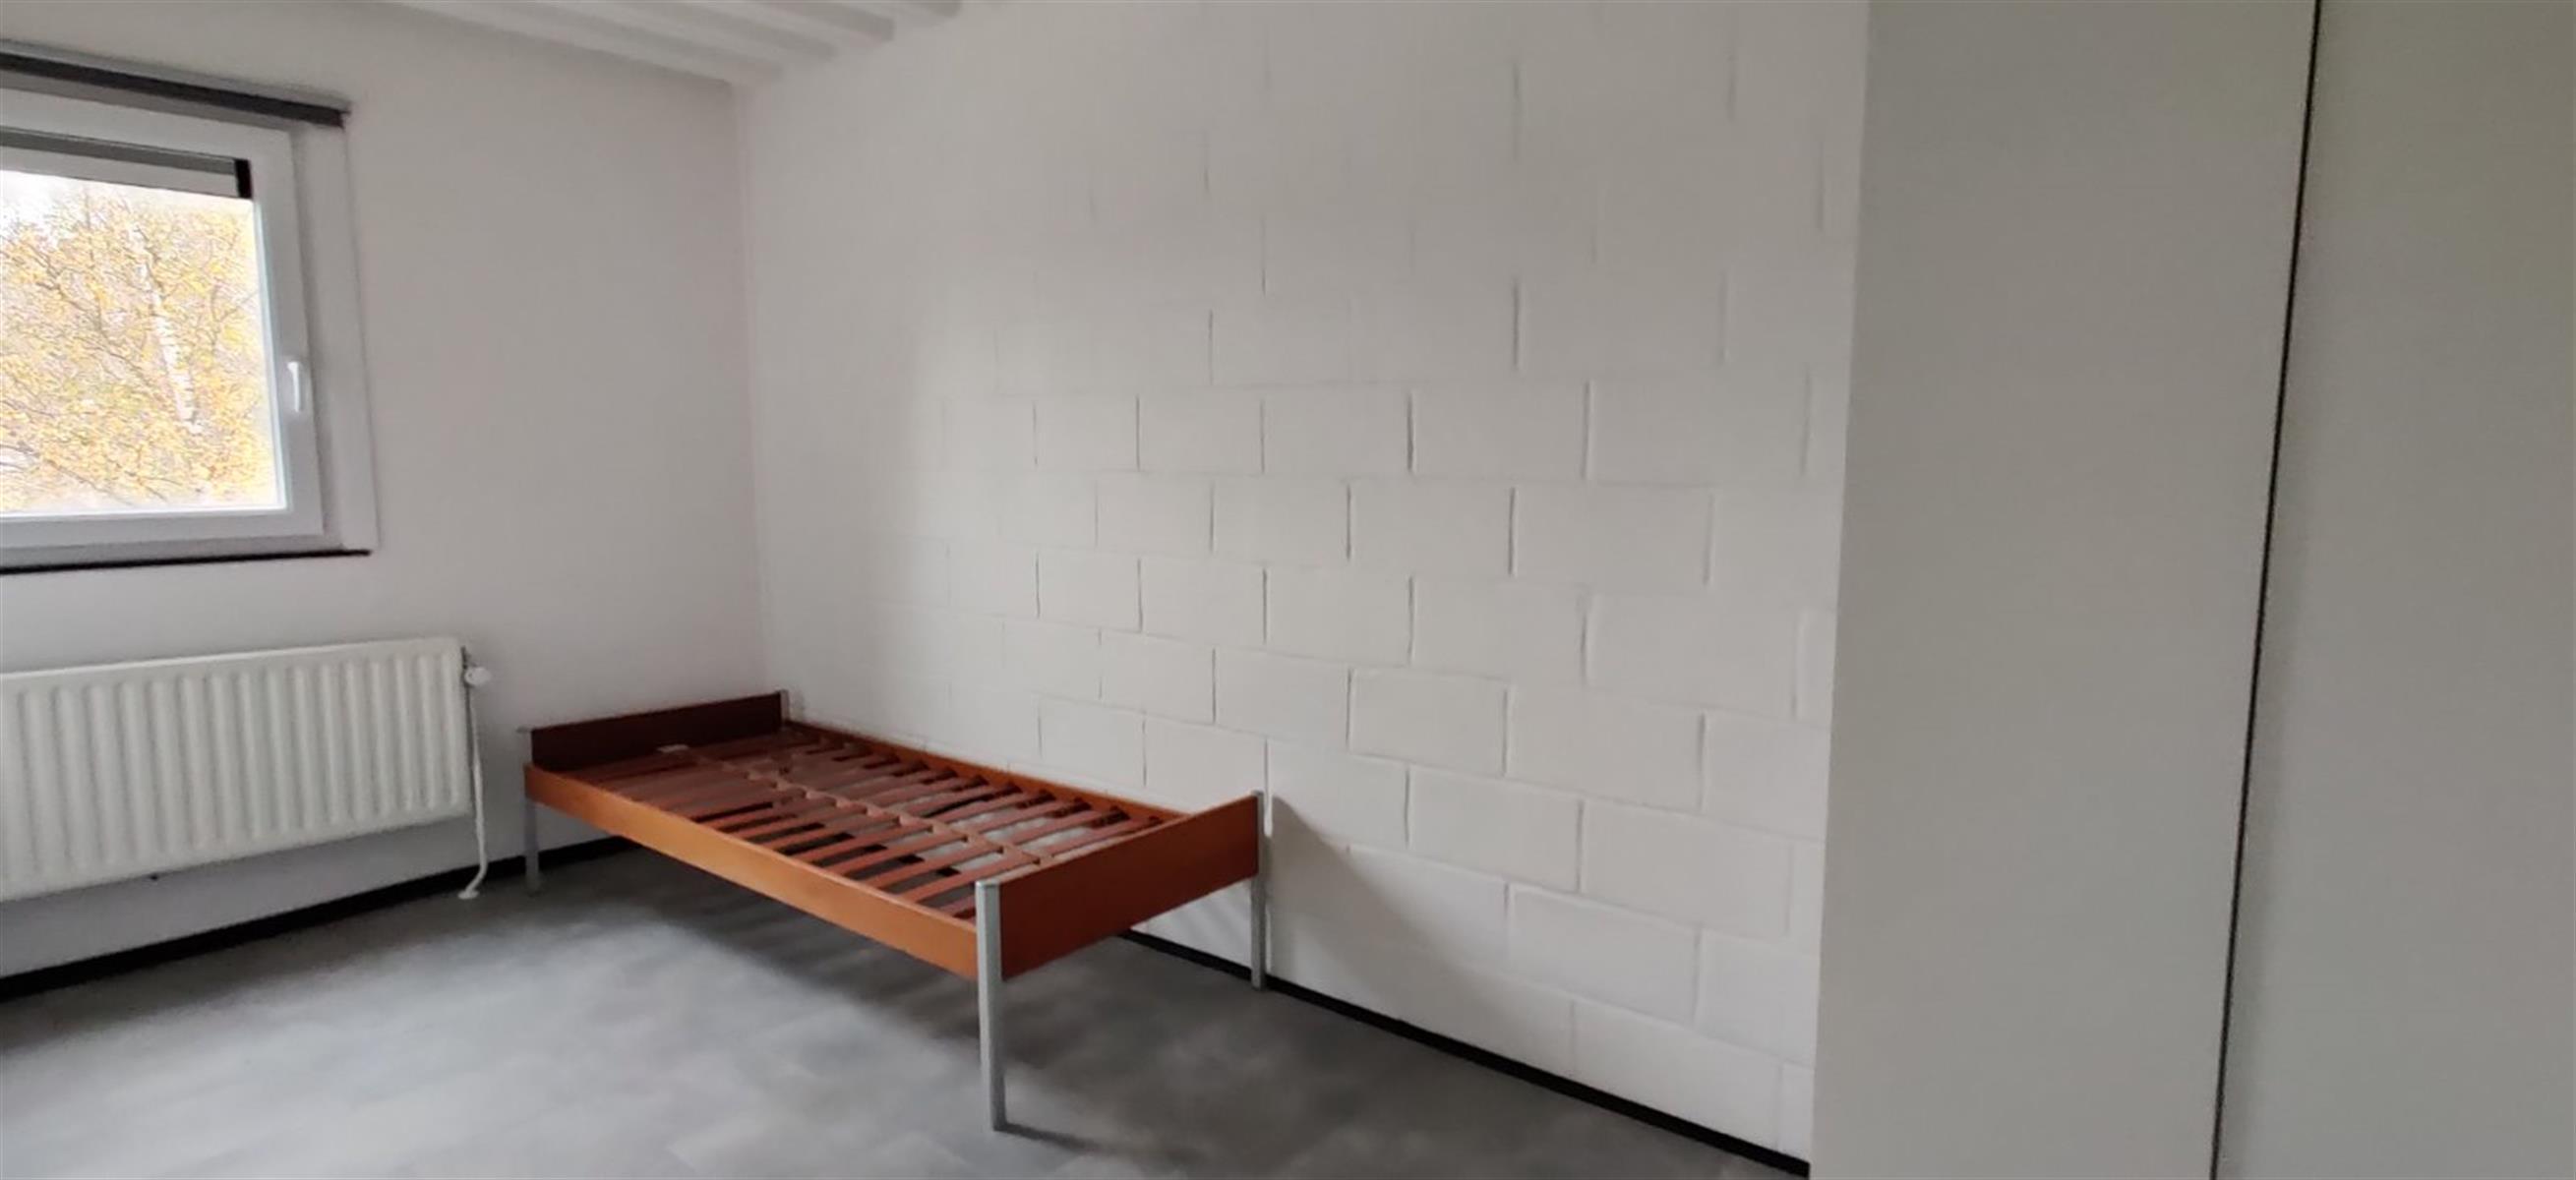 Appartement - Ottignies-Louvain-la-Neuve - #4219823-18